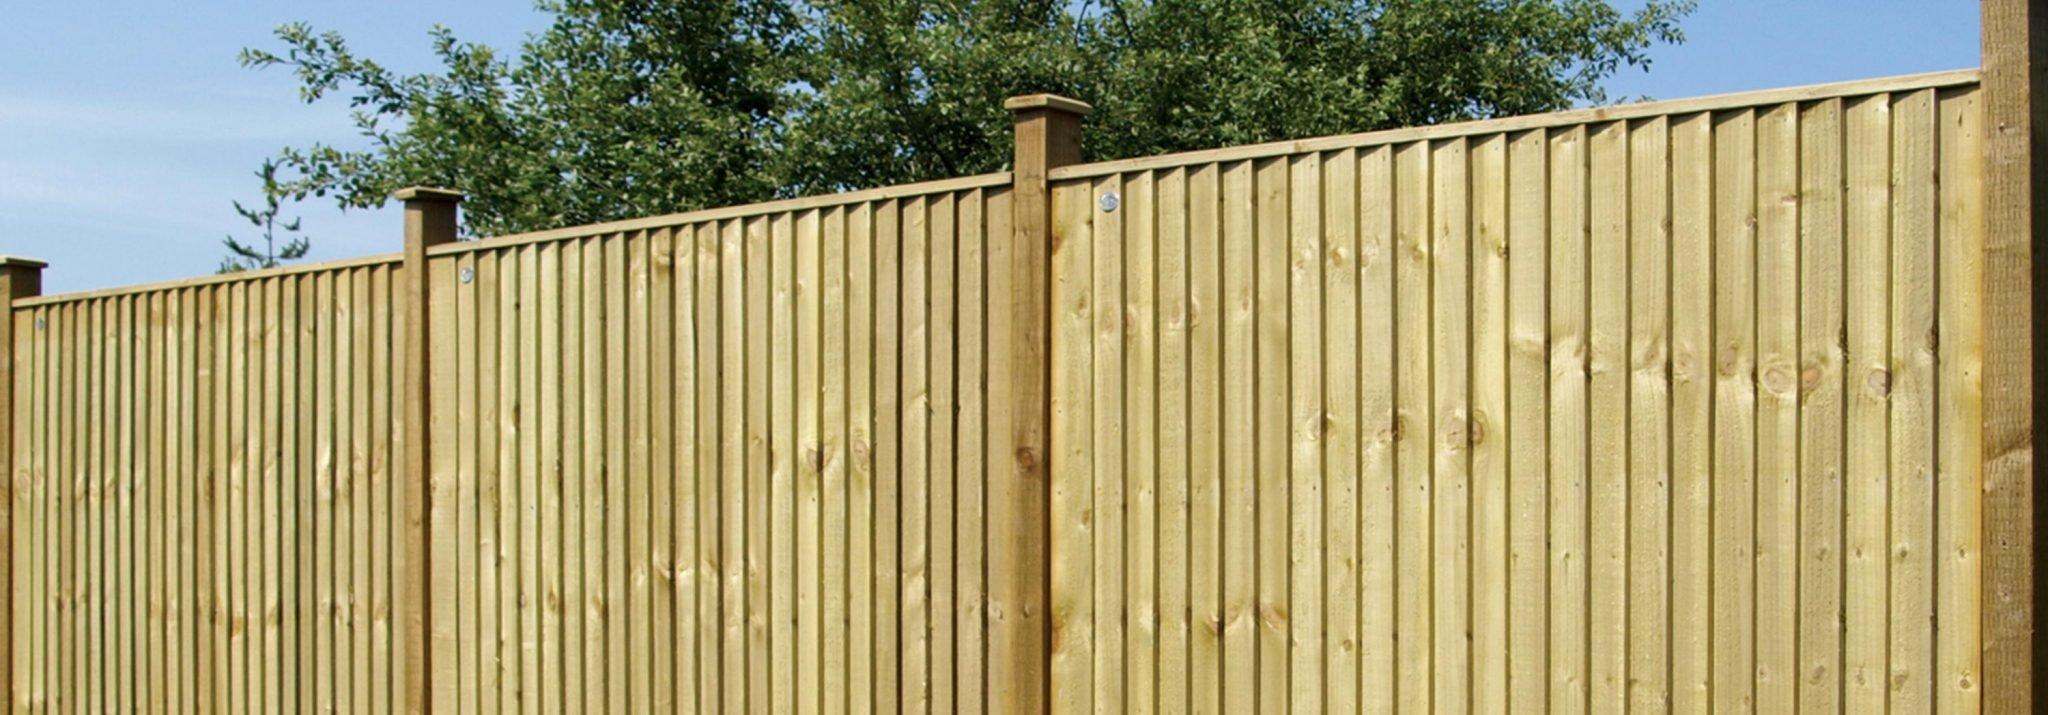 Closeboard Fencing